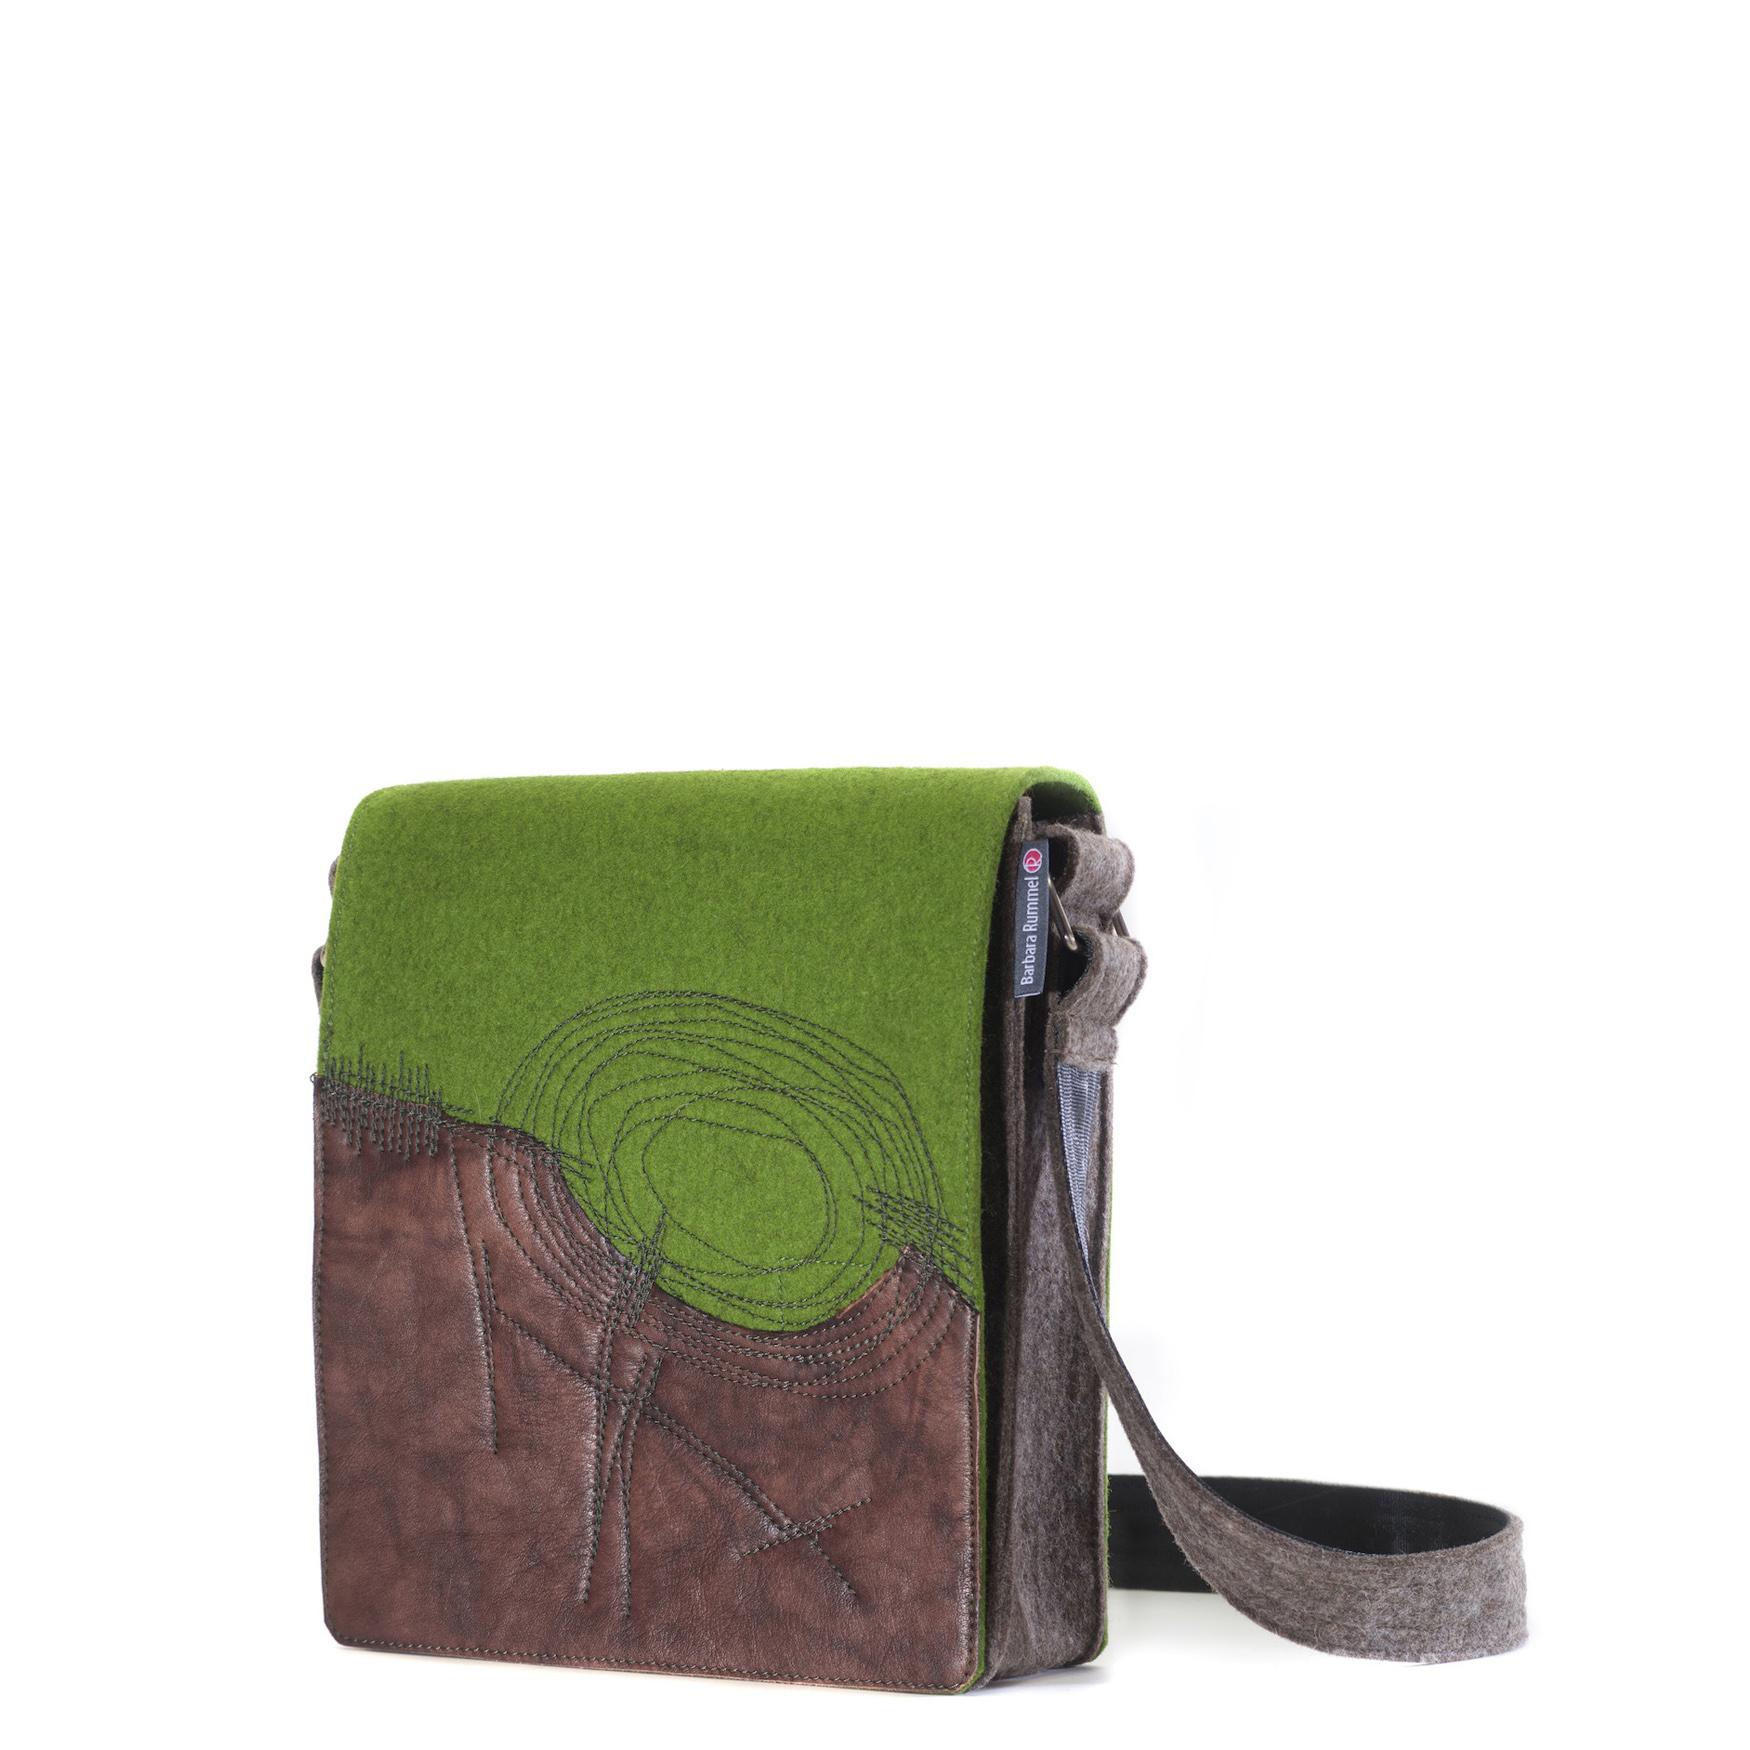 Handtasche Jule in Grün mit braunem Leder 2